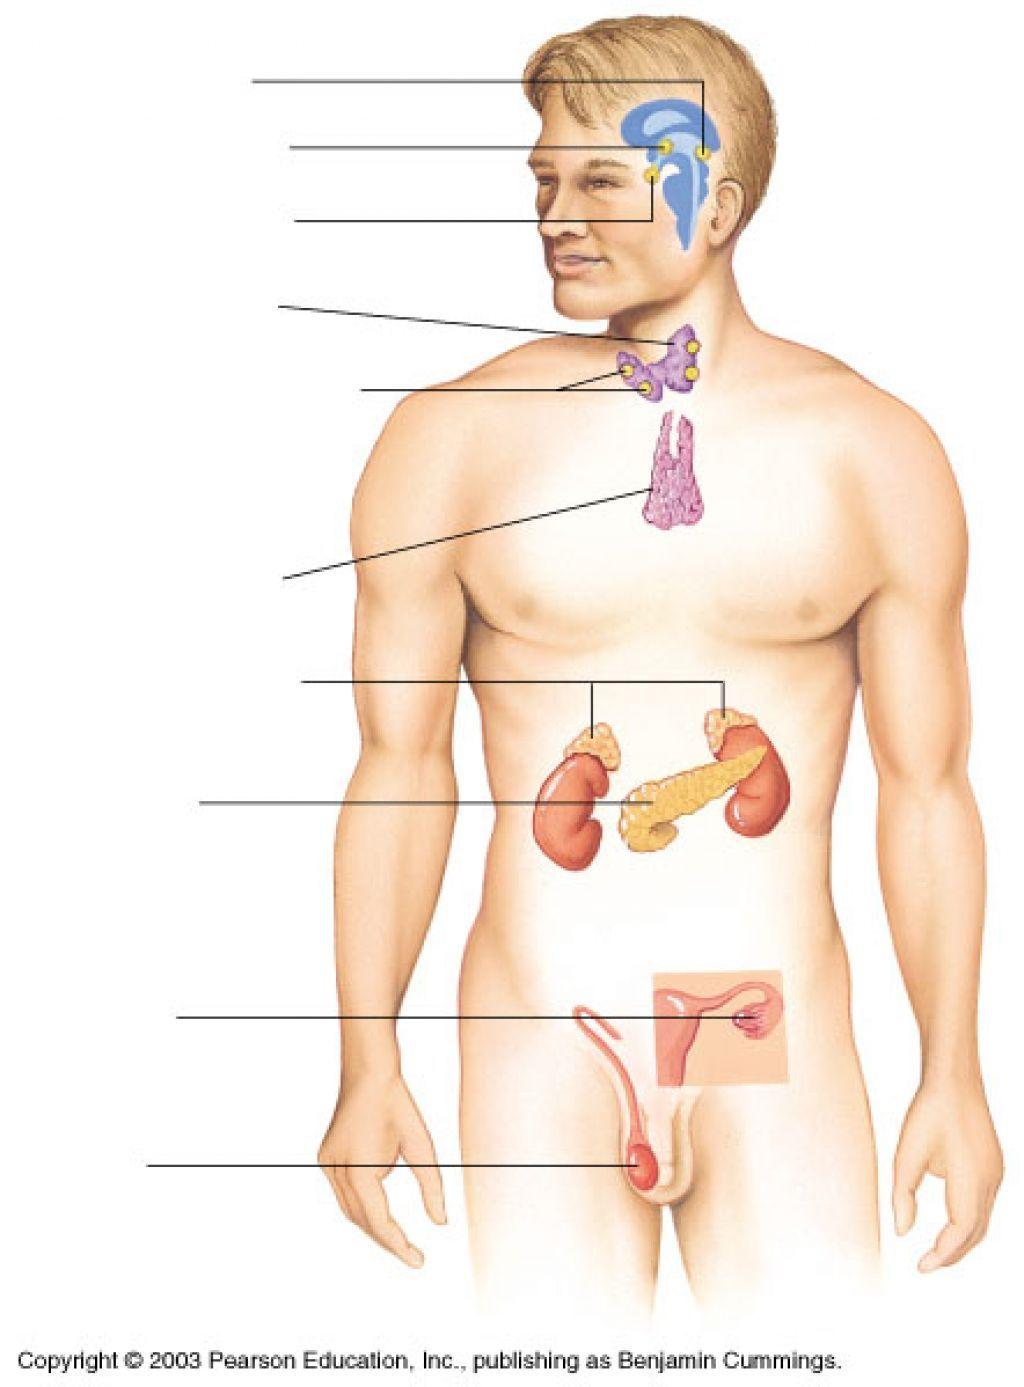 Endocrine System Diagram Unlabeled